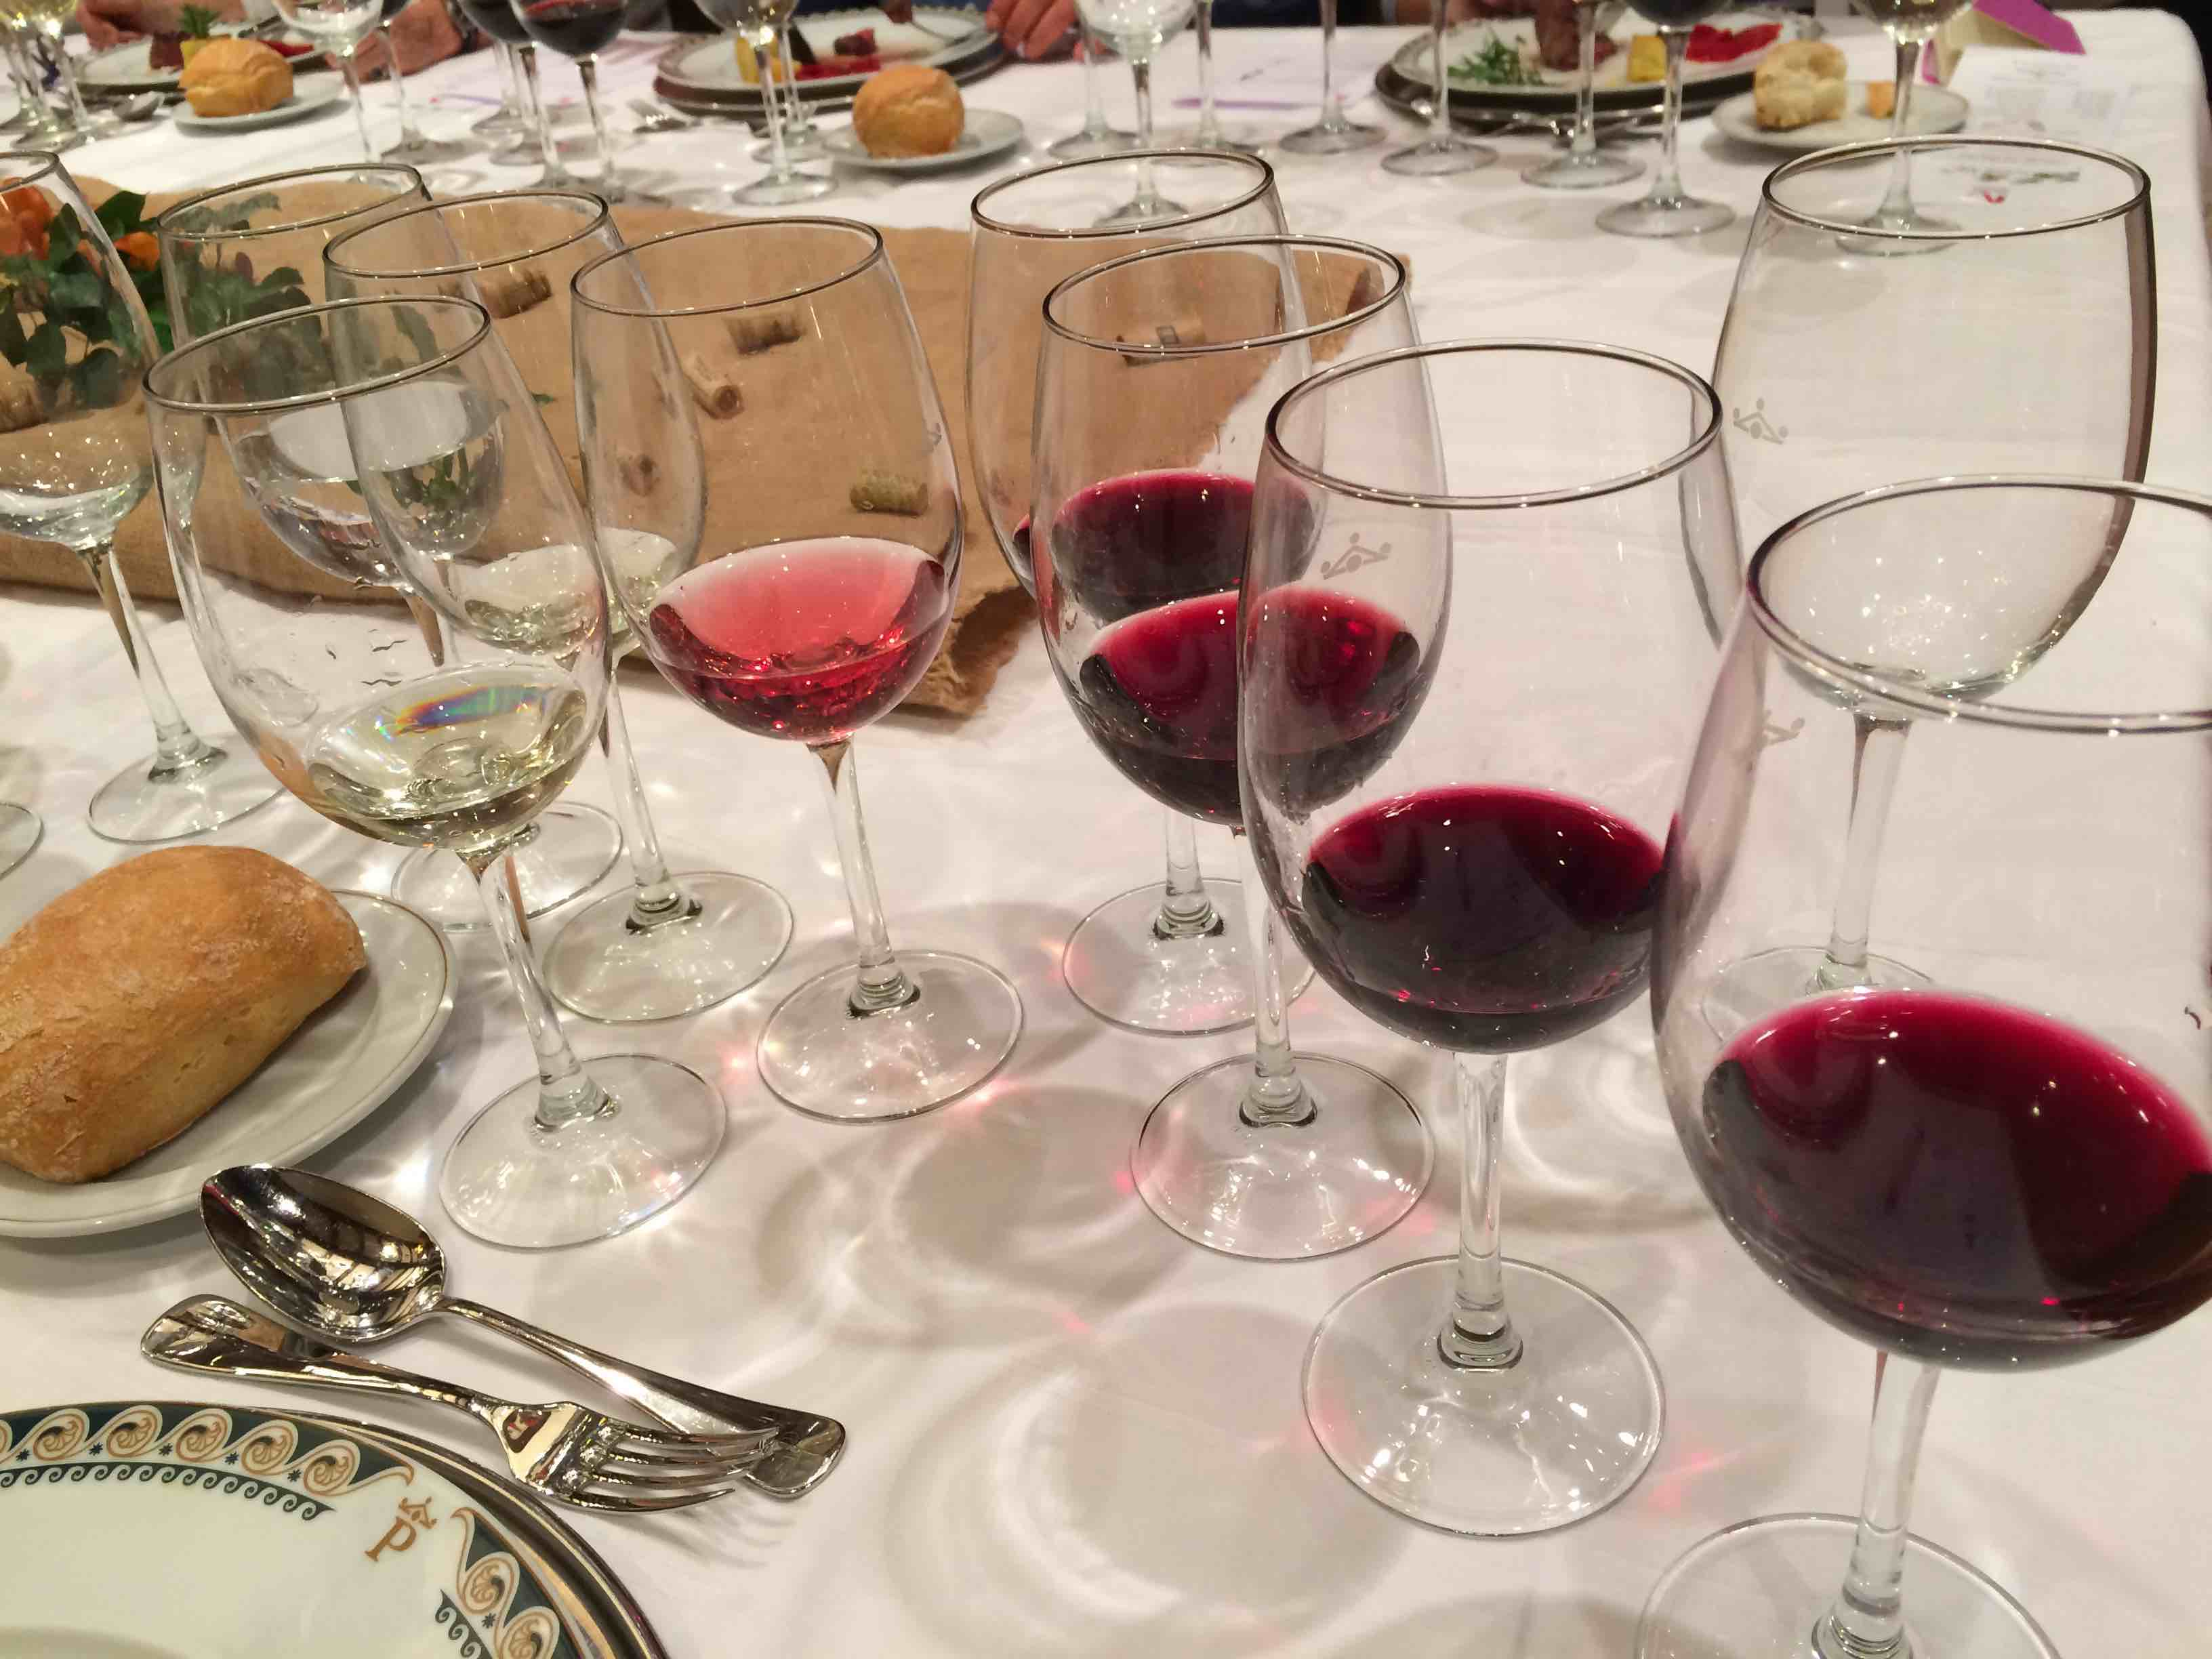 73045ff77f0 Punase veini valmistamiseks kasutatavad viinamarjasordid on väga  mitmekesised. Mõni sort annab õhukese värvi ja aroomitekstuuriga mahla,  mõni sort on nii ...